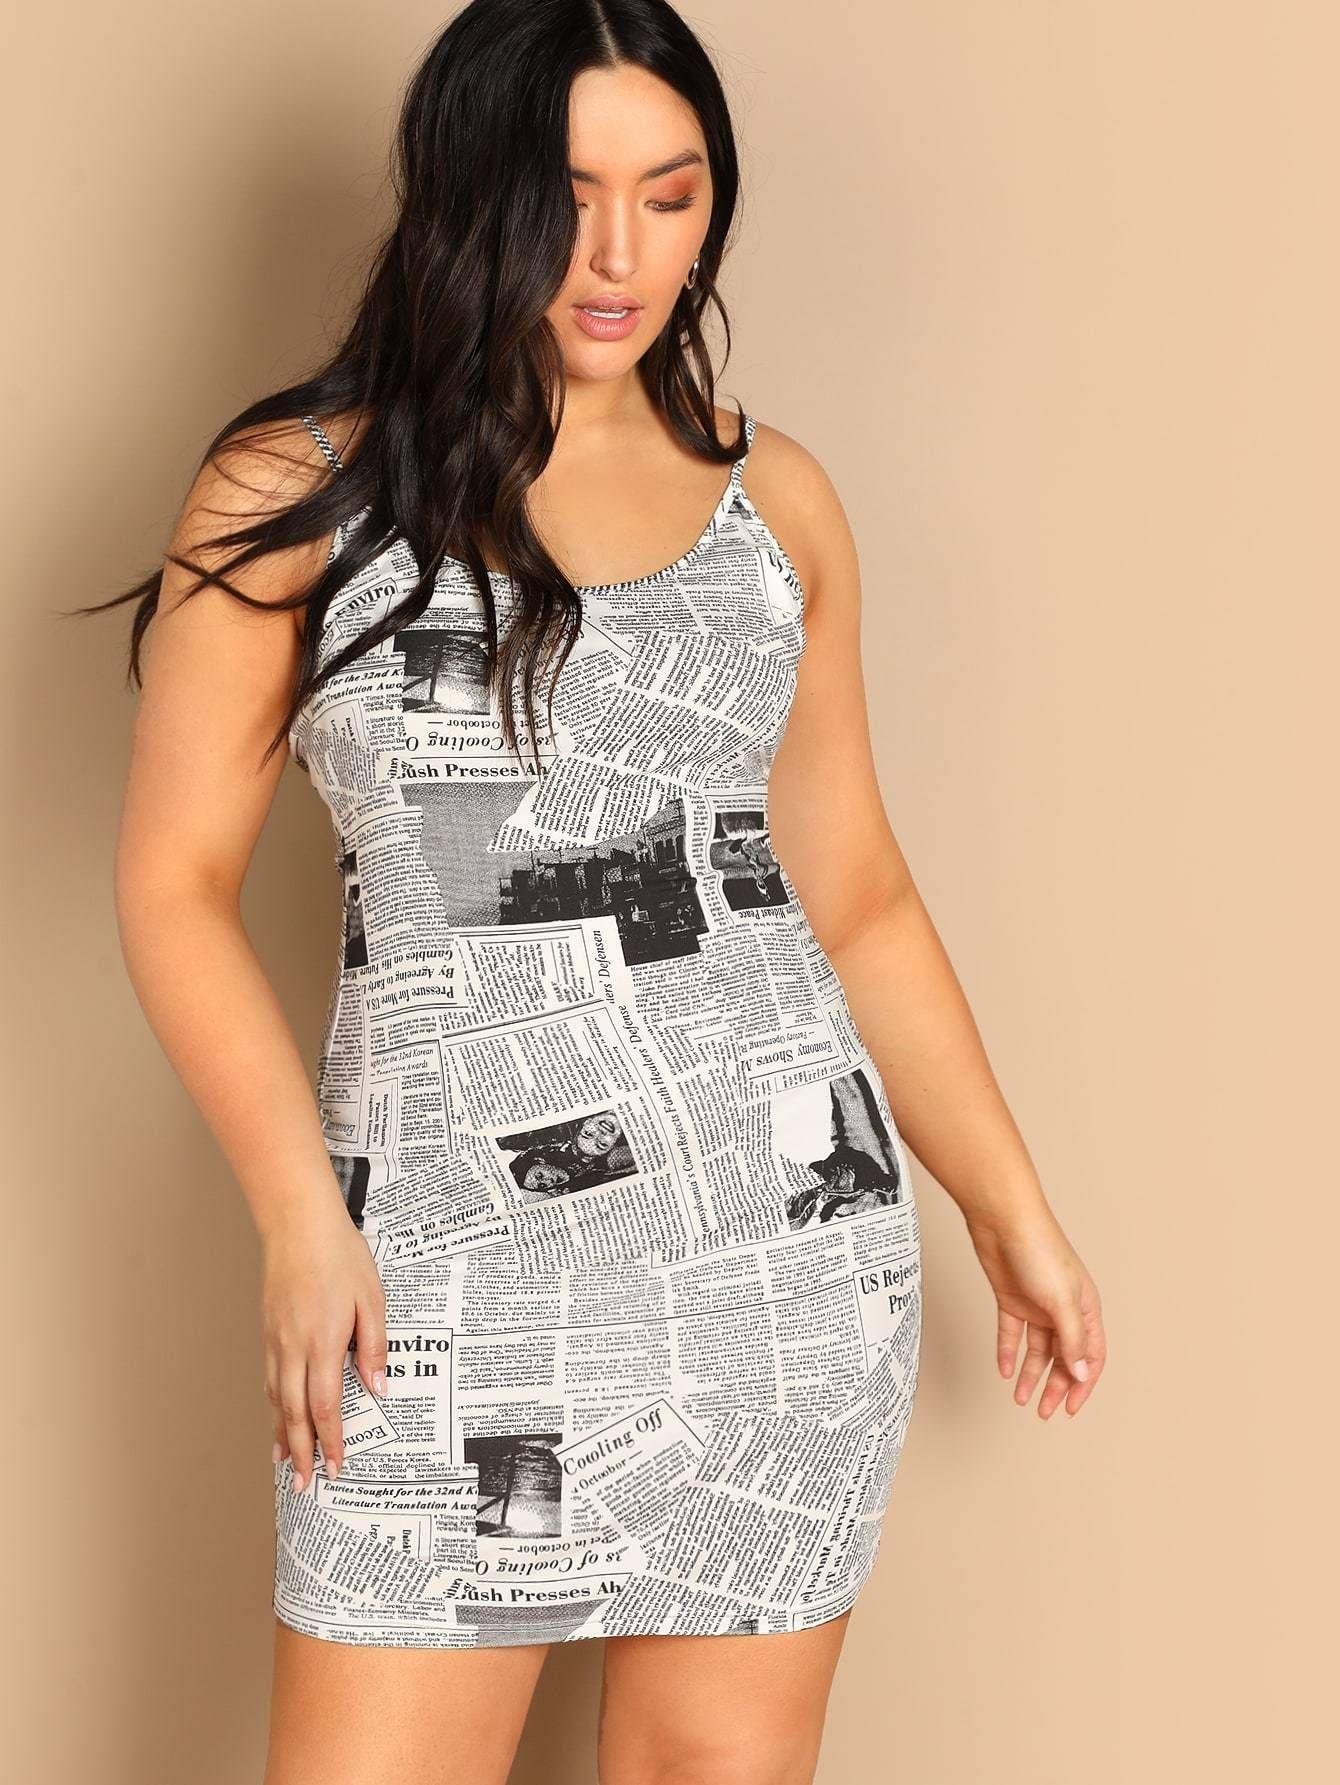 62a38446544d Plus Size Newspaper Print Black   White Cami Dress Multi Sizes FREE SHIP